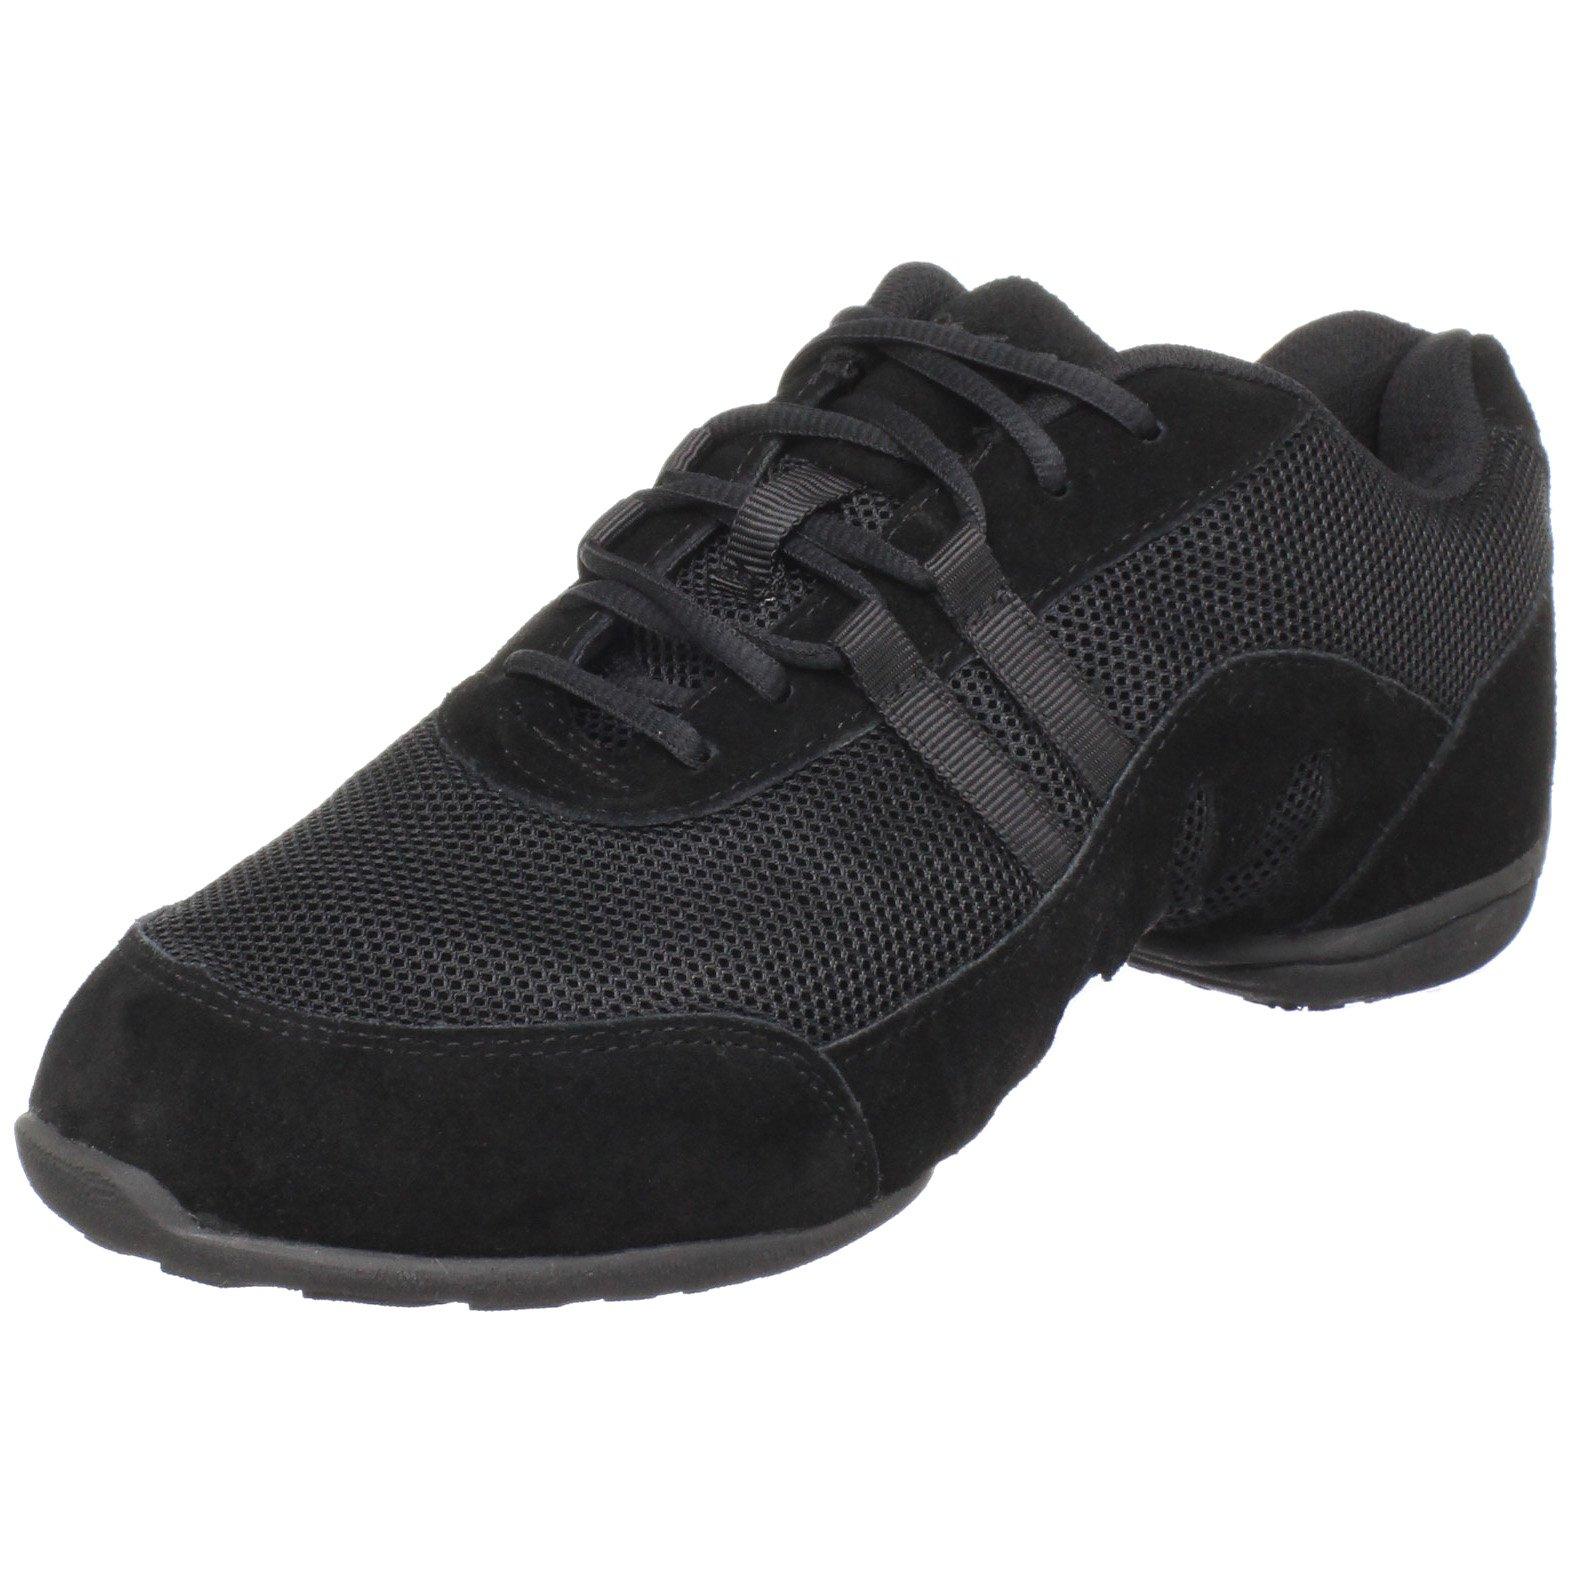 Sansha Blitz 3 Dance Sneaker,Black,8 (7 M US Women's) by Sansha